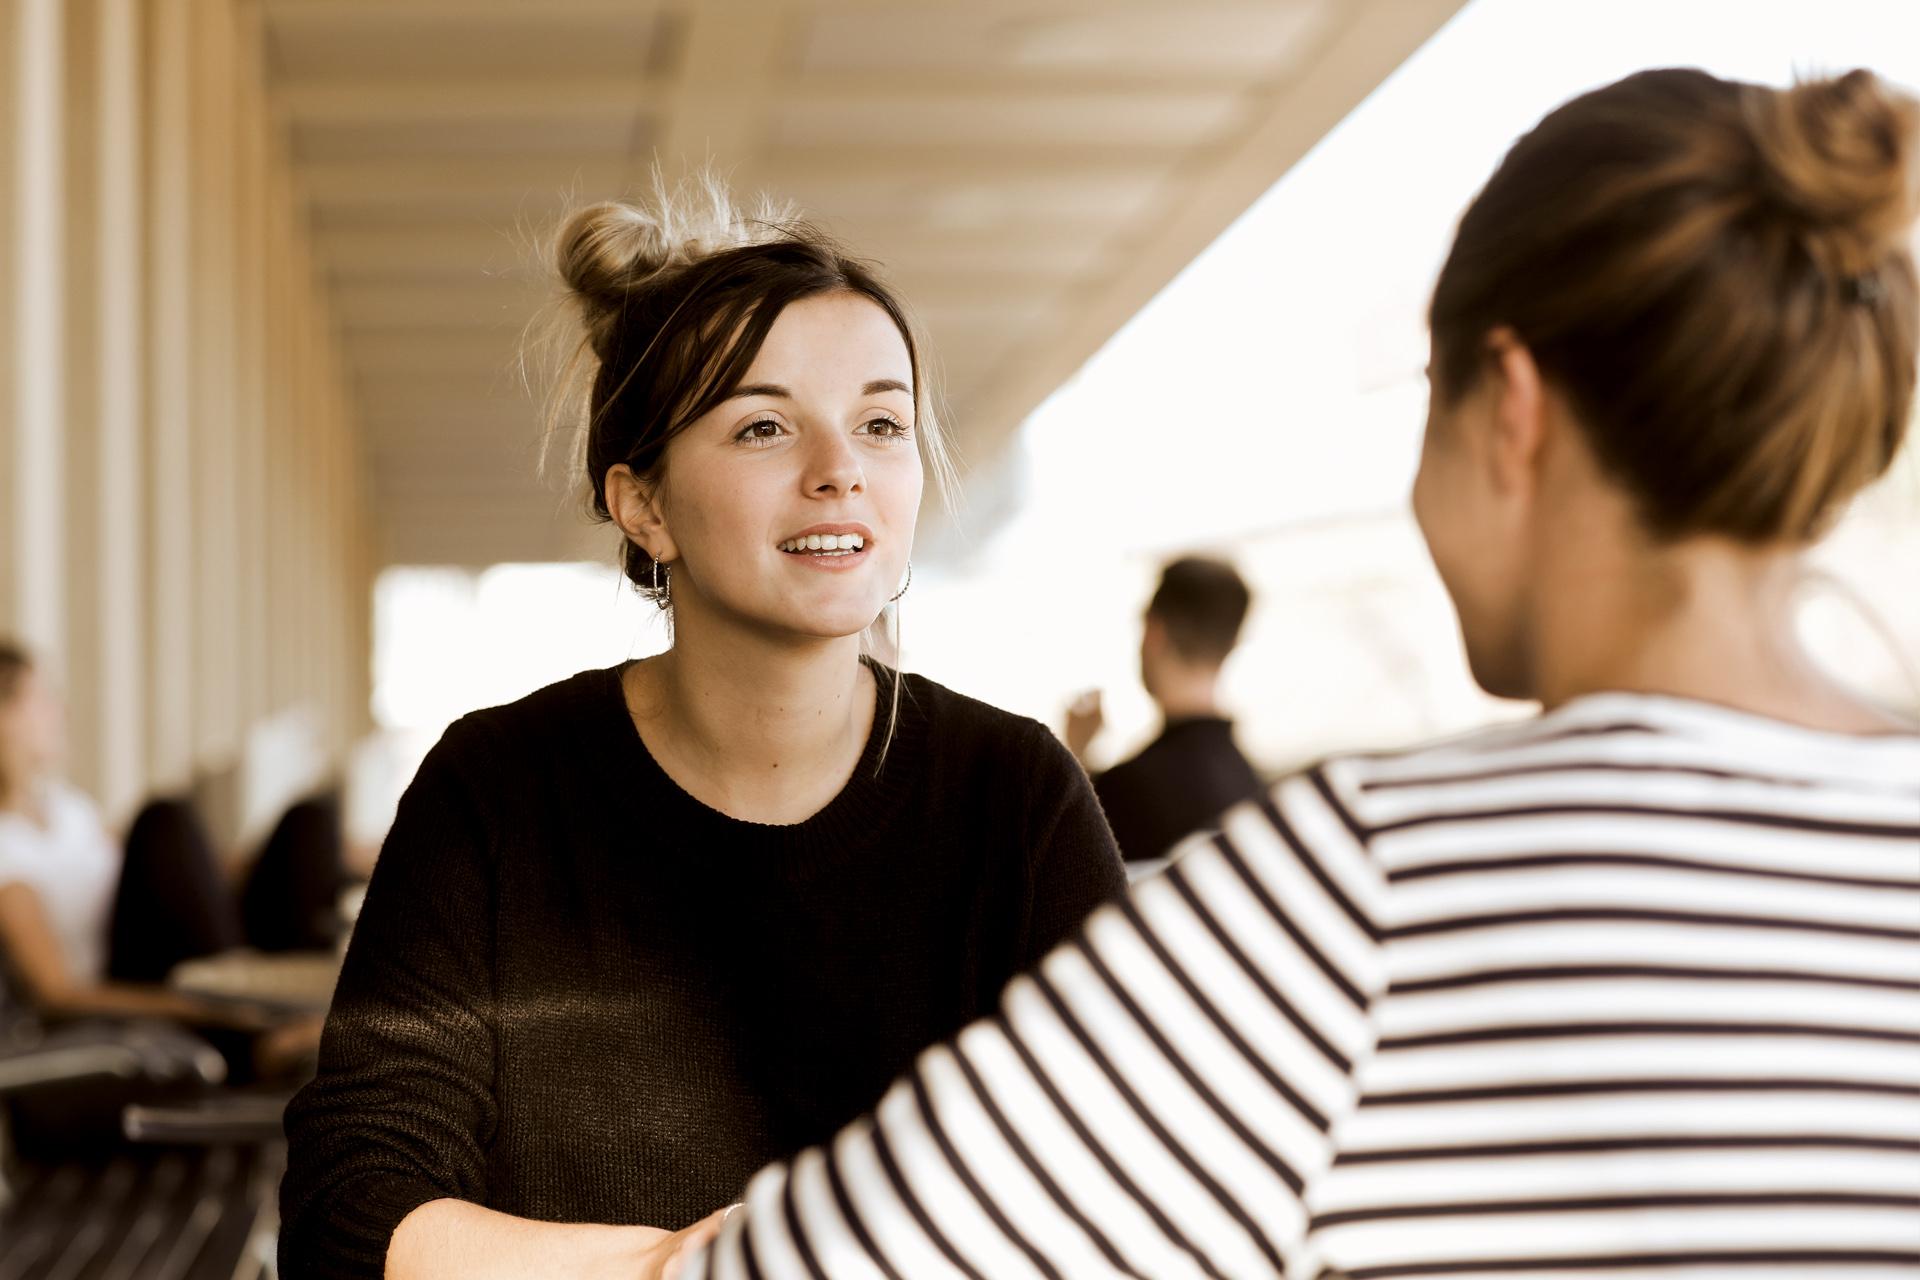 Bachelor studium in sozialer arbeit an der fhs st gallen for Soziale arbeit studium